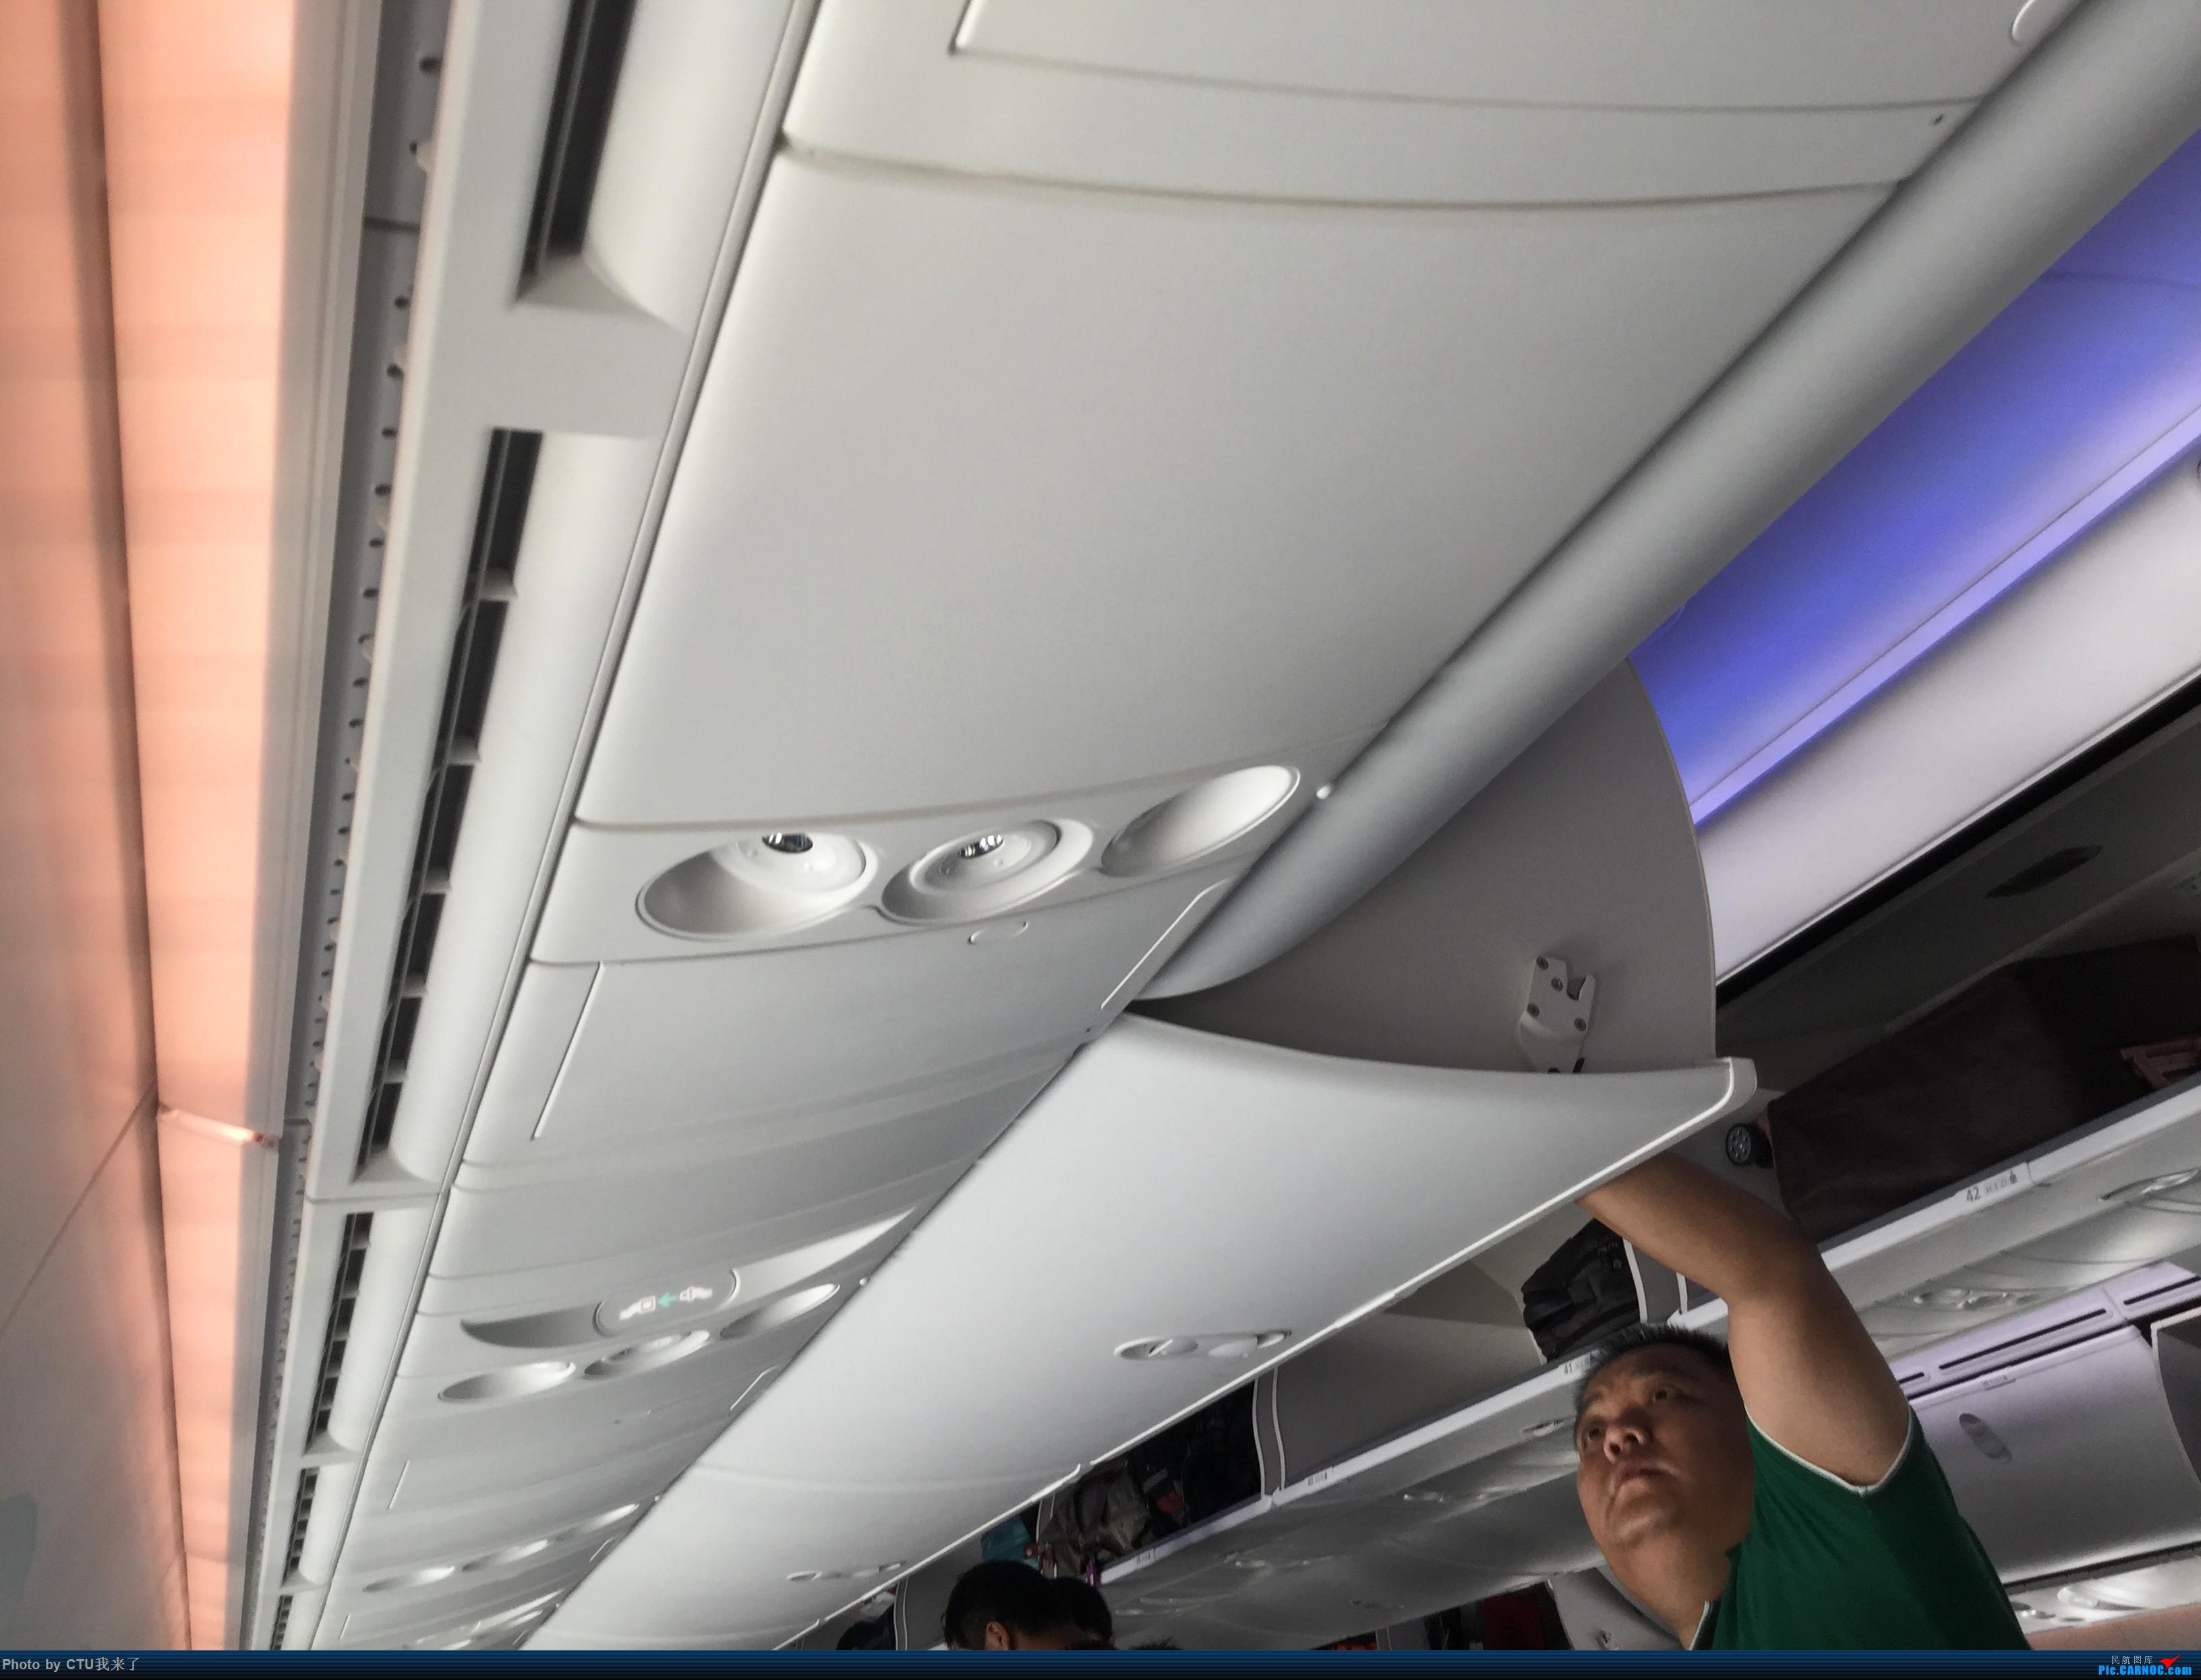 789re_re:国航789初体验ctu-pek,ca1406